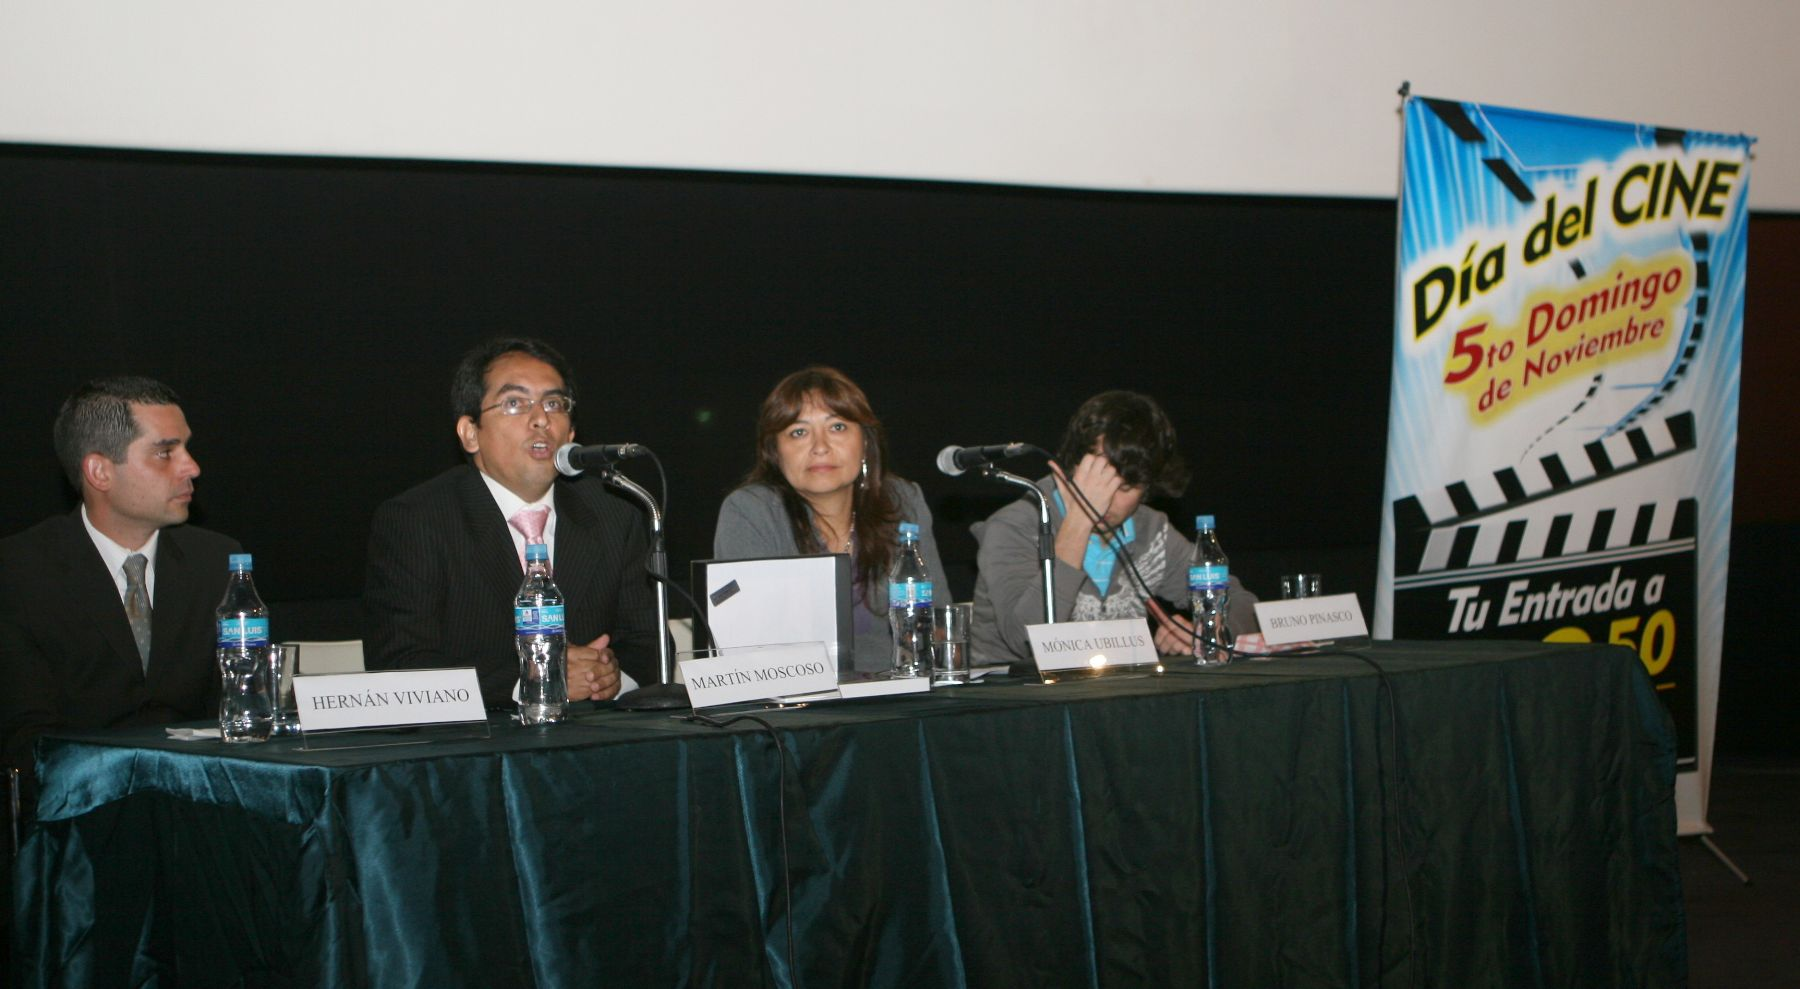 Día del Cine a realizarse el domingo. Foto: ANDINA/Jorge Paz H.